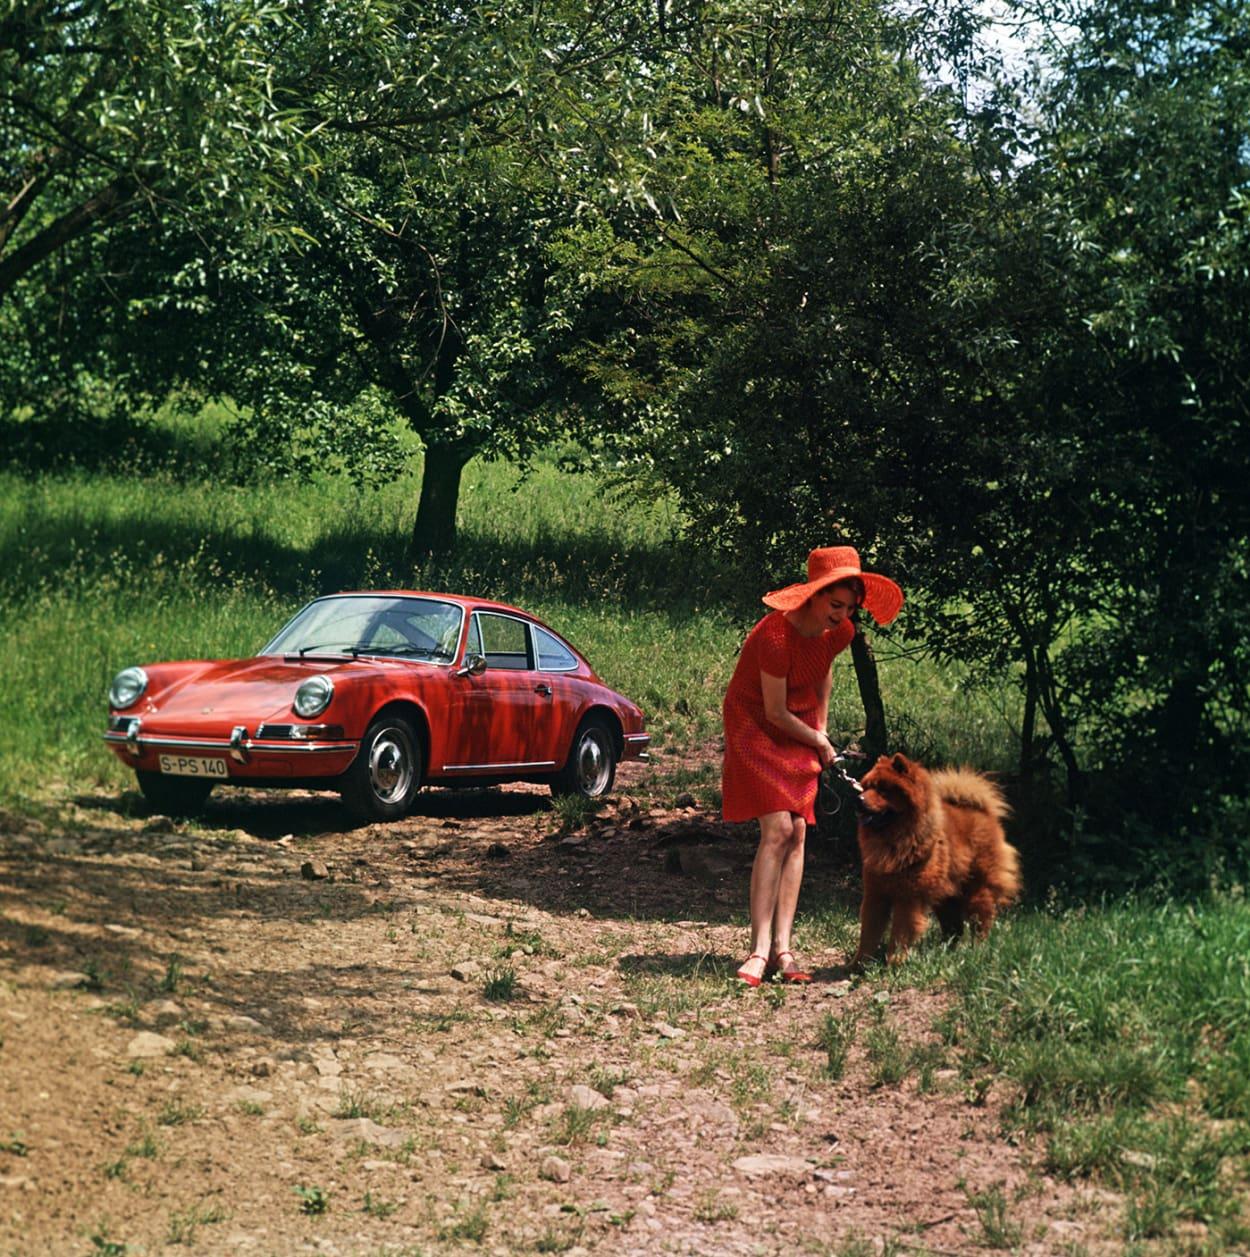 70 Jahre Porsche, Porsche Jubiläum, Porsche, 911, Ikonen, 19er Jahre, rotes Auto